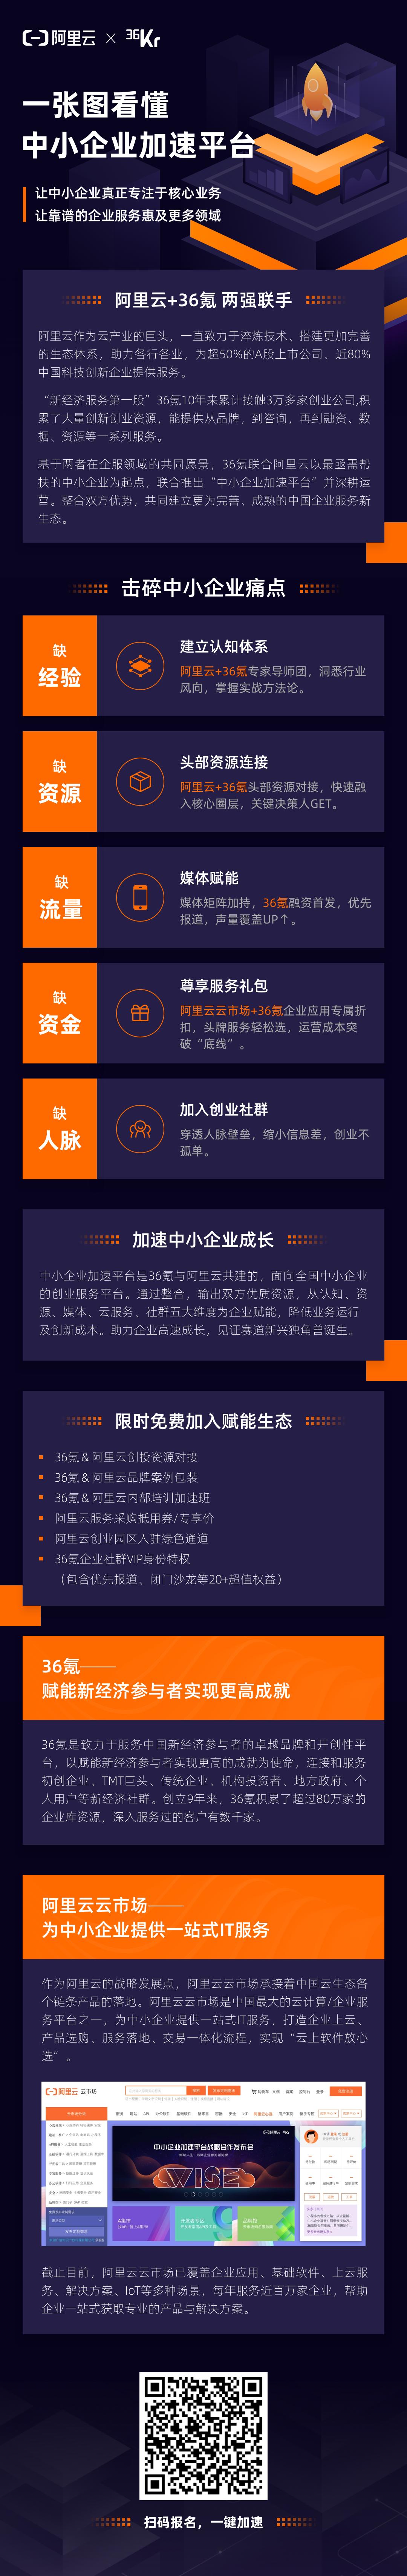 中小企业加速平台确认(二维码).png